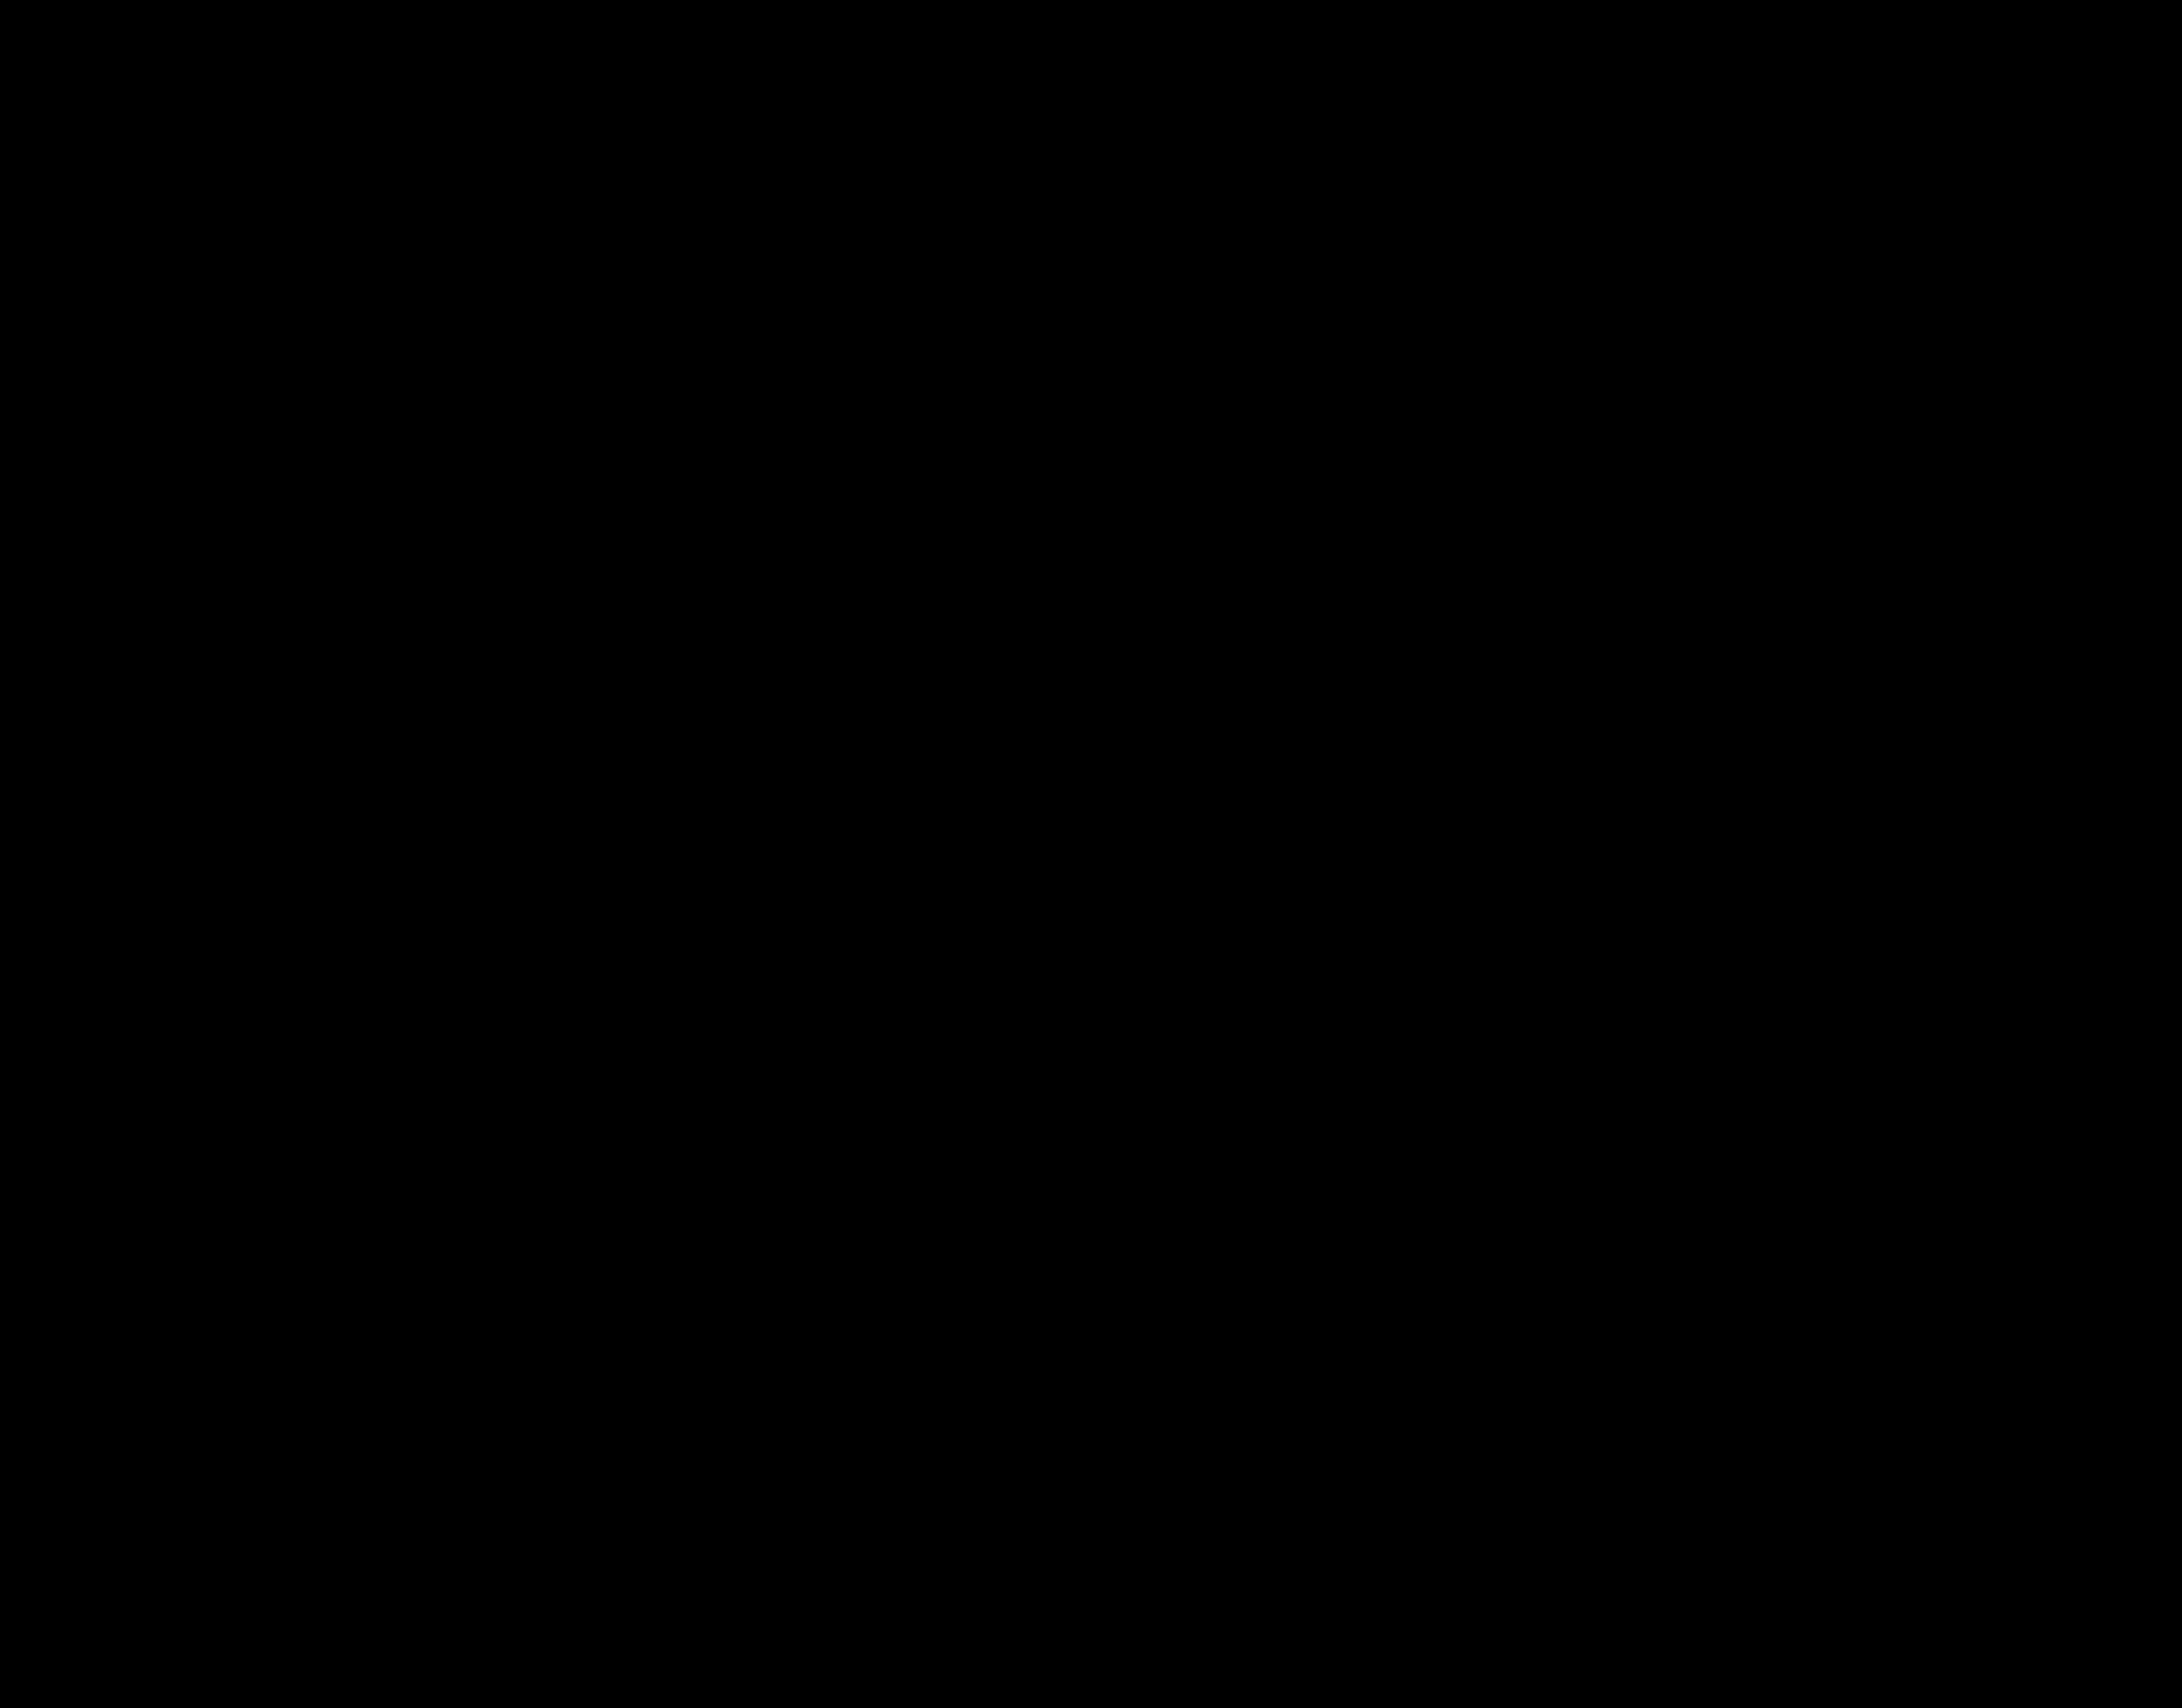 magia di gamma  u2013 logos download